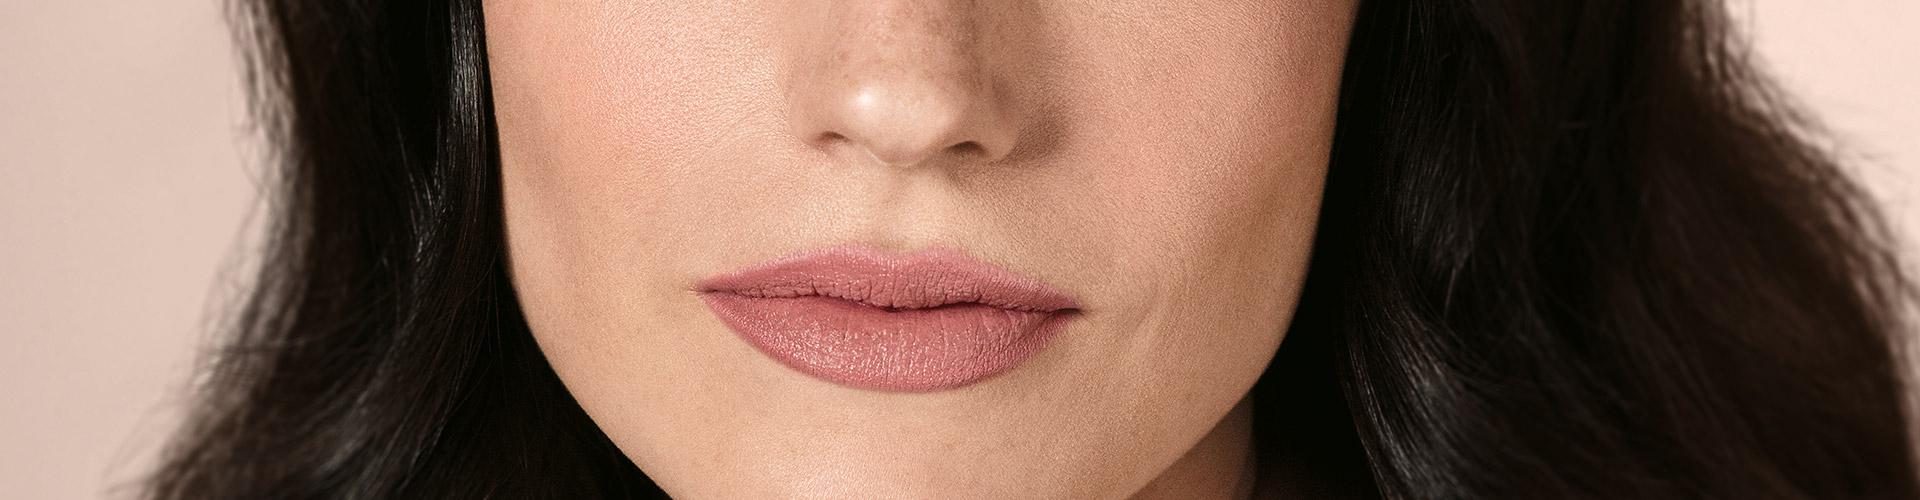 55ed9eb67 Boca pequena  truques para aumentar os lábios com batom